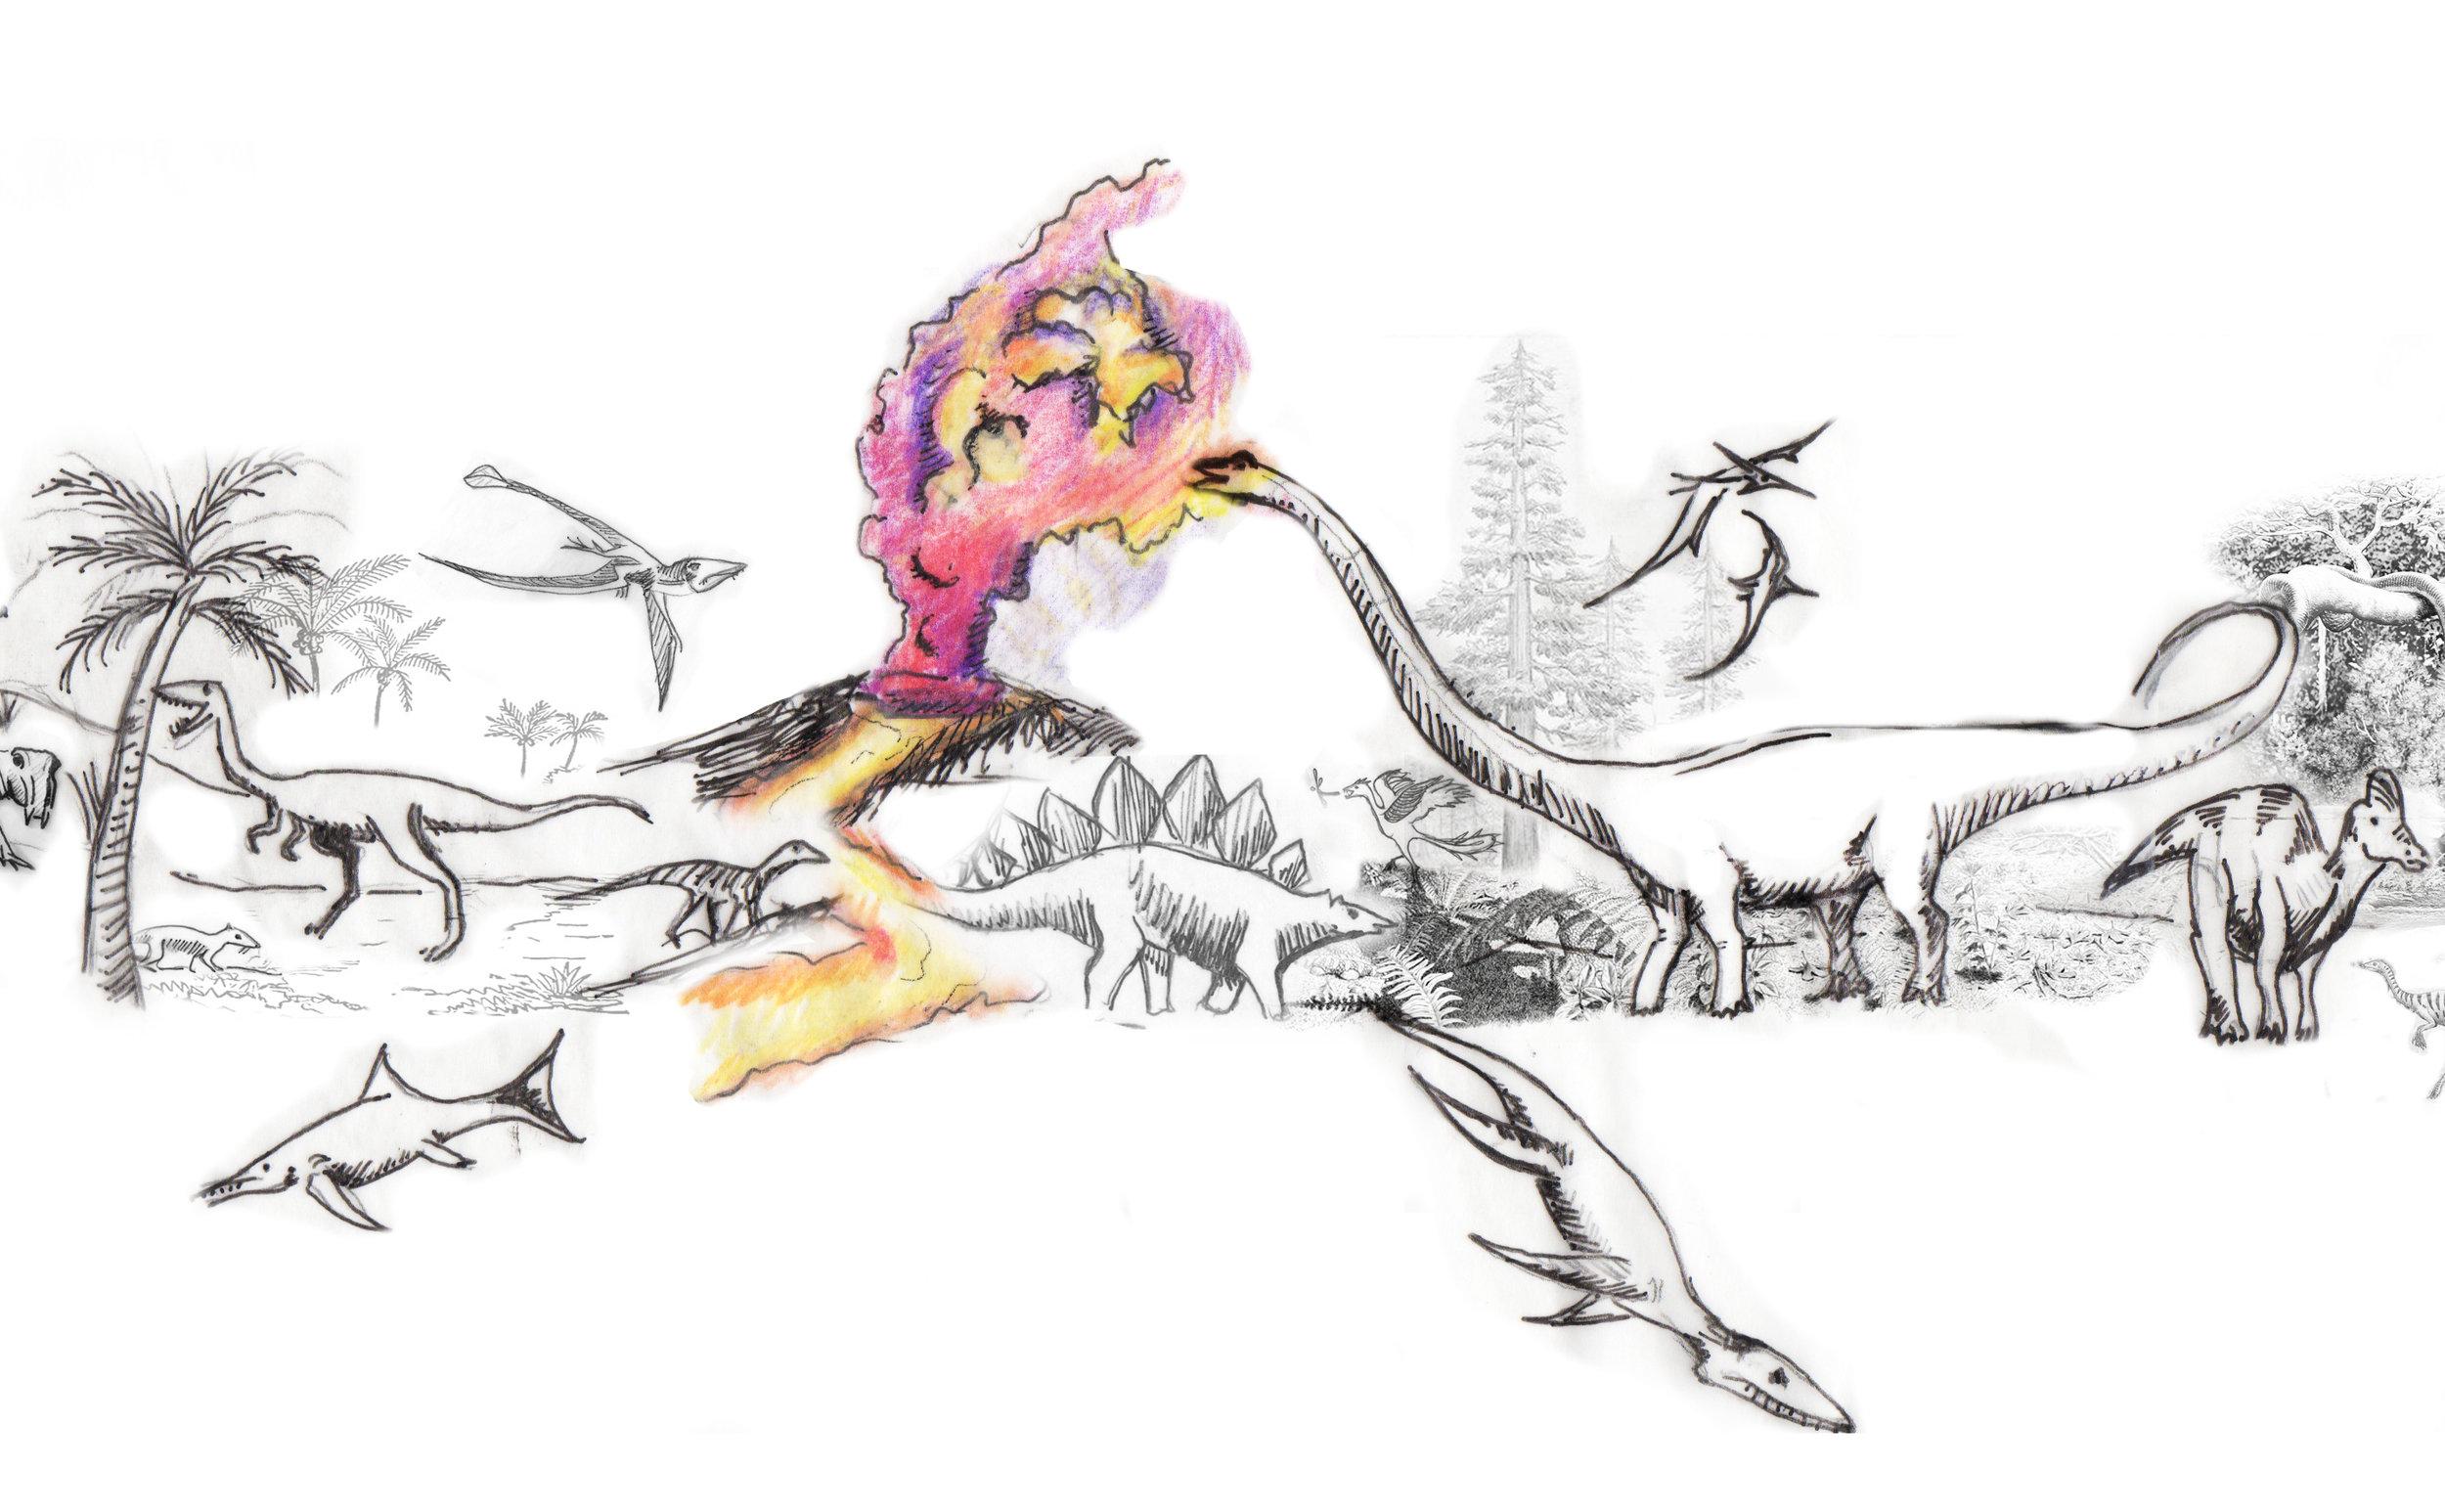 Jurassic-Cretaceous Extinction Event